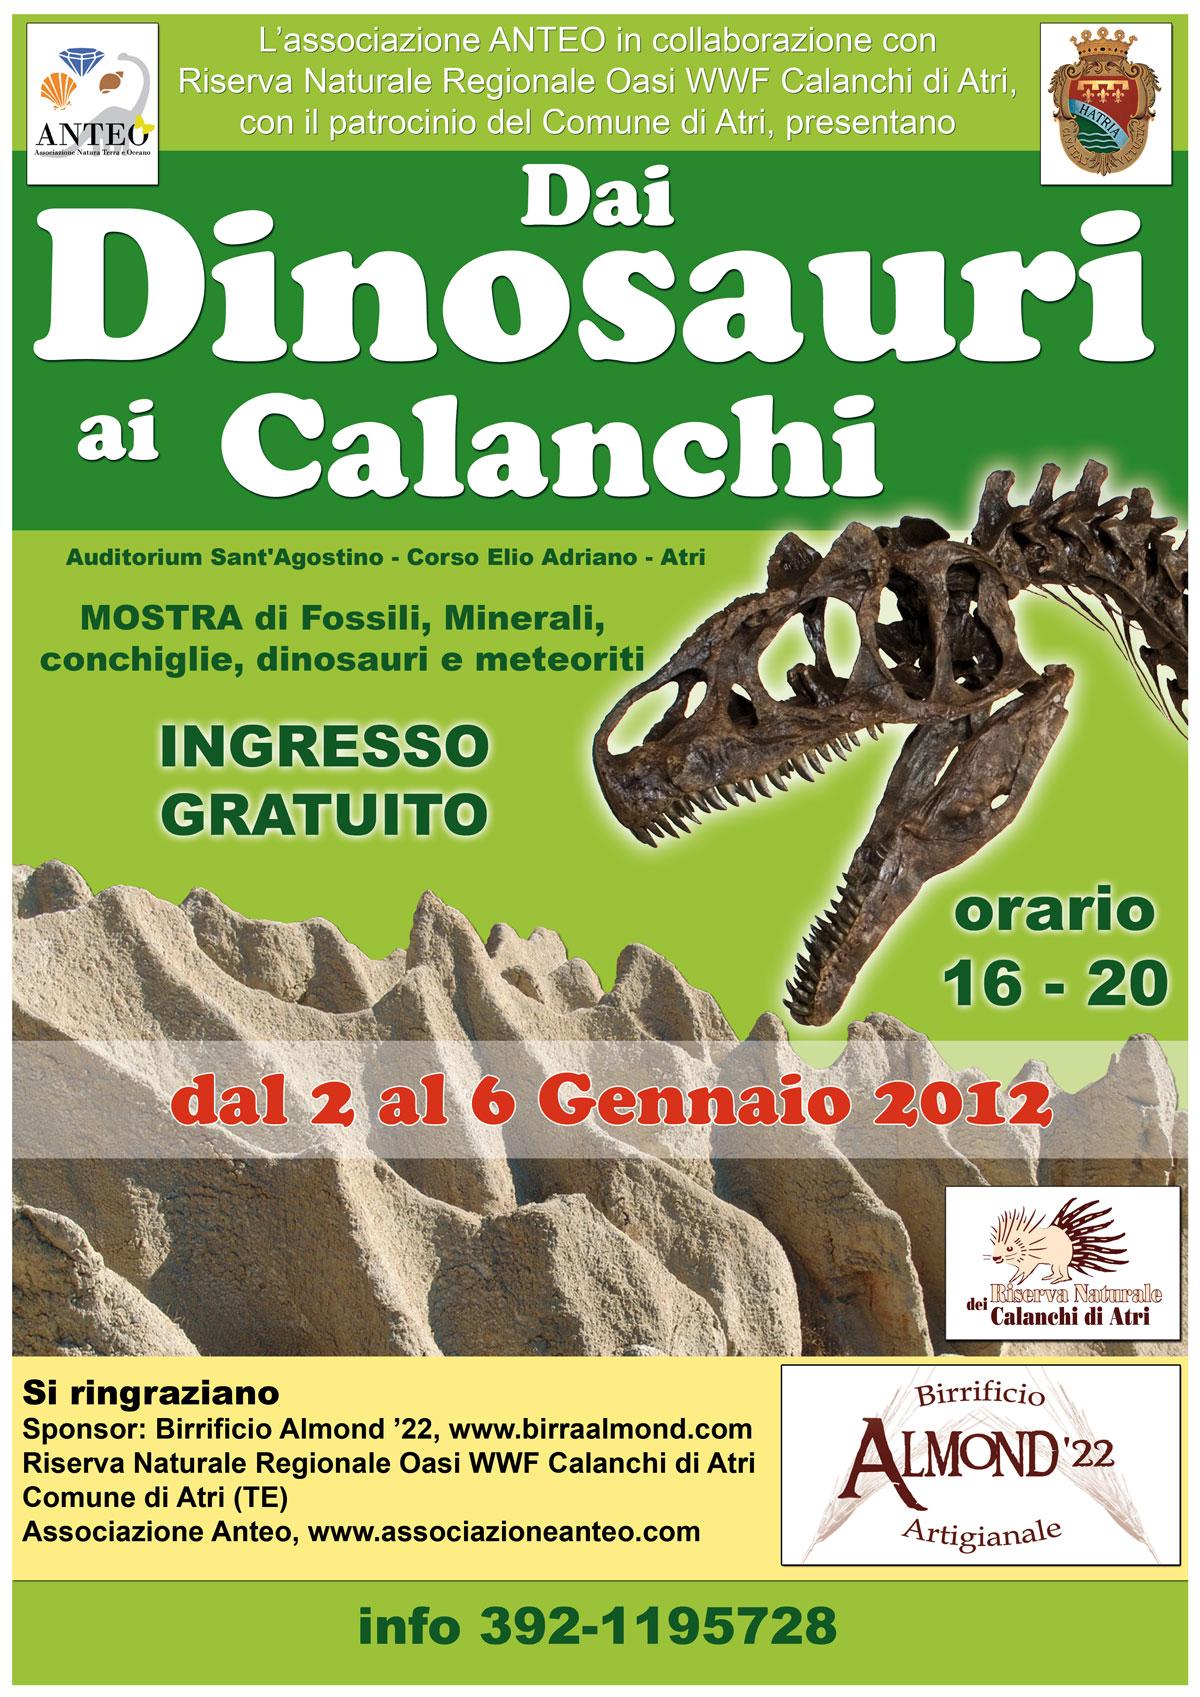 """Atri. """"Dai dinosauri ai calanchi"""".  Mostra scientifico-didattica presso l'Auditorium S. Agostino ad Atri (TE)."""